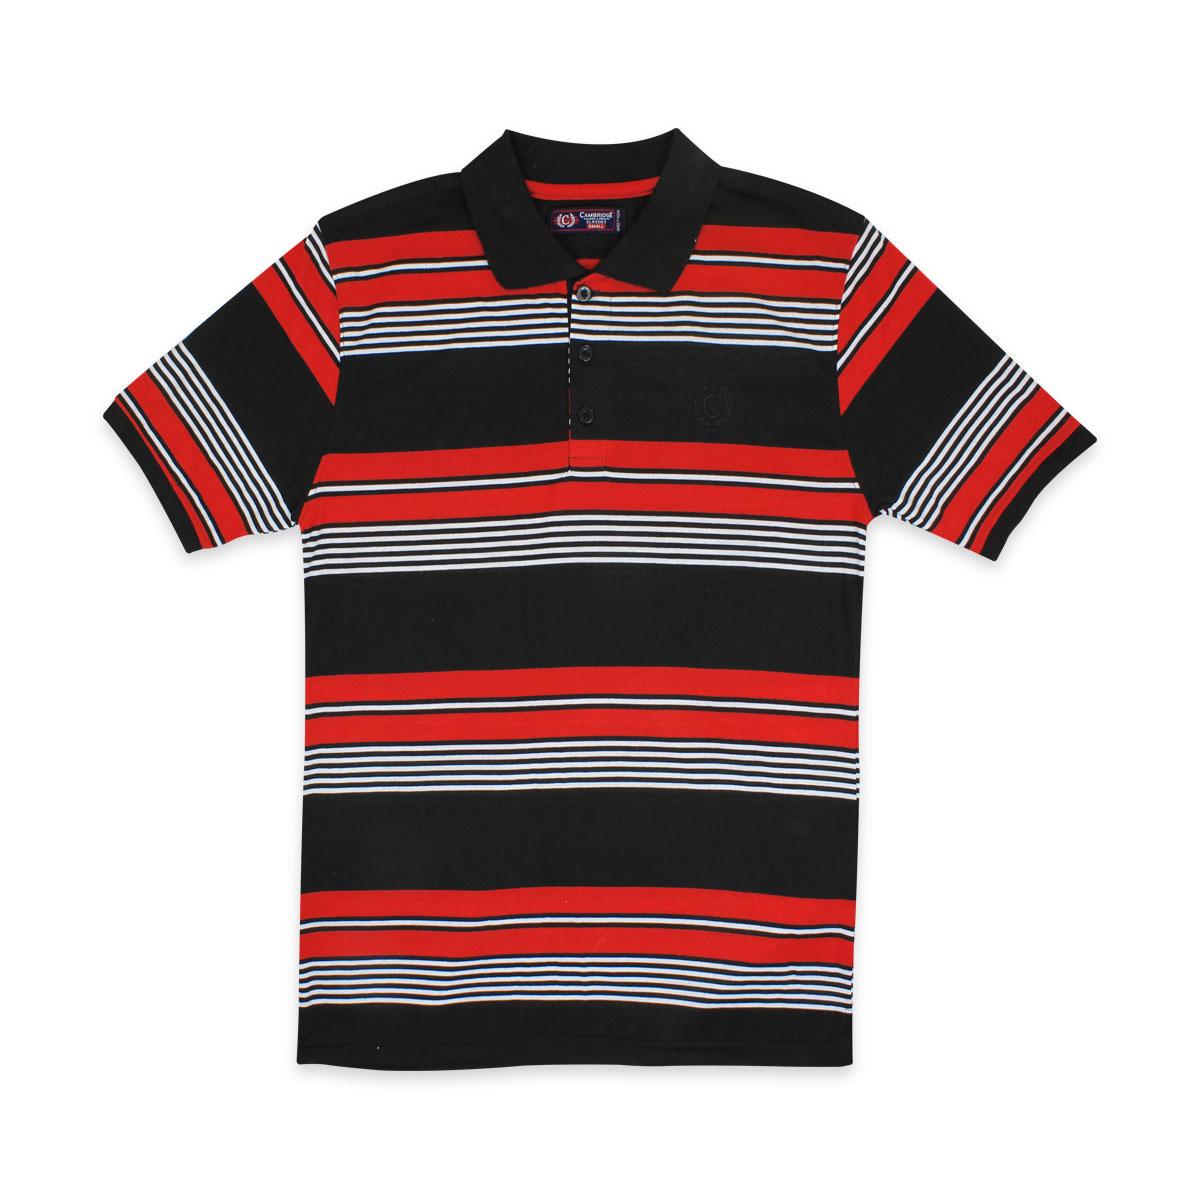 Camisas-Polo-Para-Hombre-A-Rayas-Pique-Con-Cuello-camiseta-Camiseta-Manga-Corta-De-Verano-S-M-L-XL miniatura 44